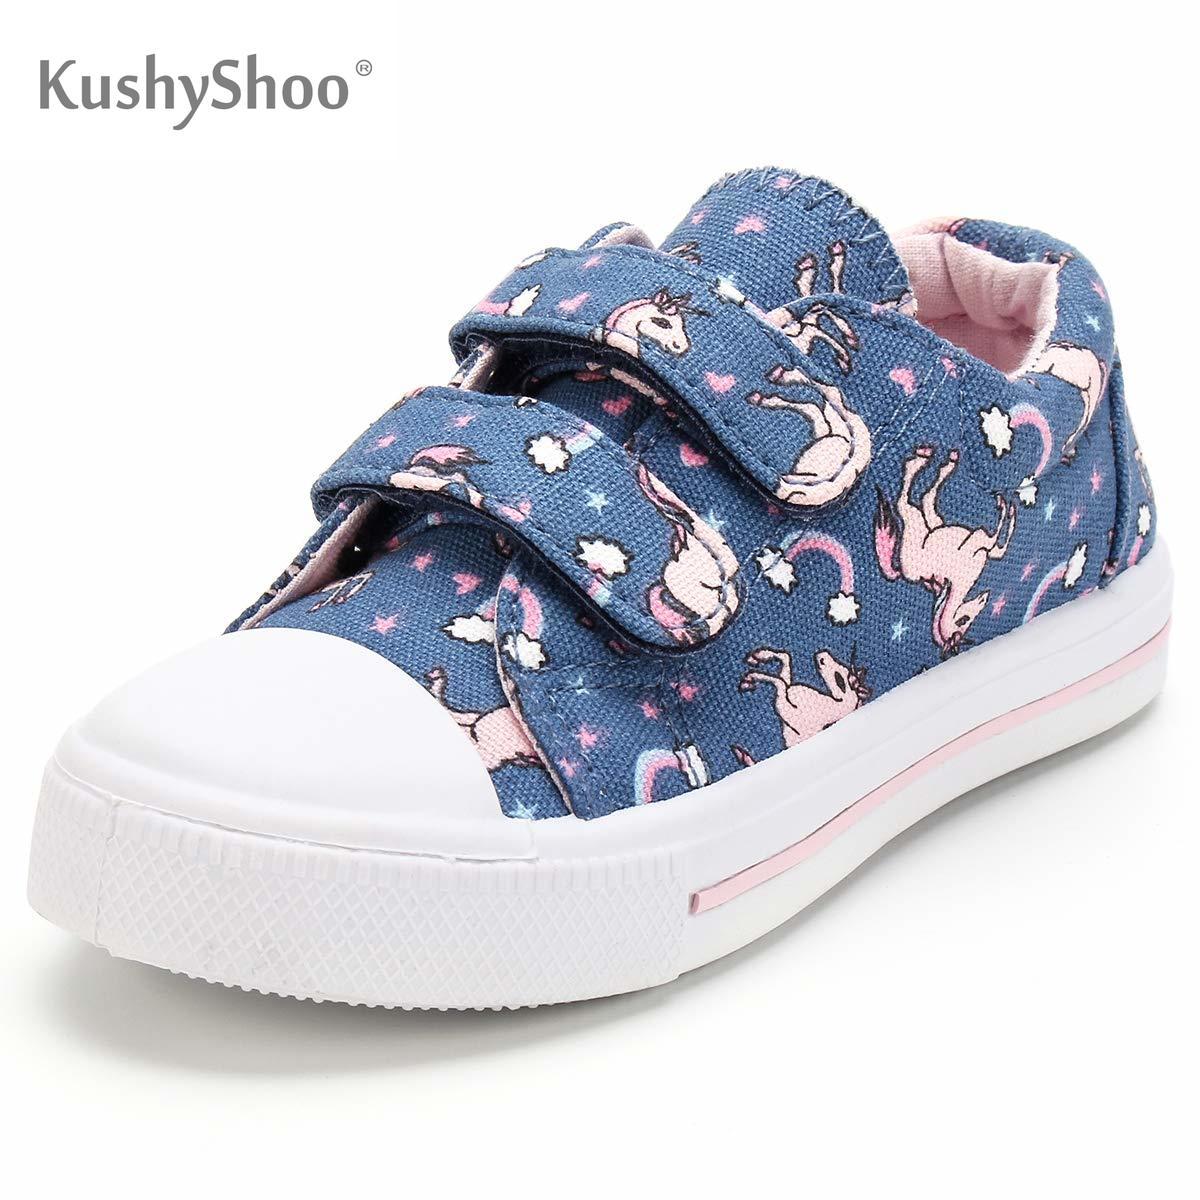 KushyShoo Kids shoes Toddler Sneakers